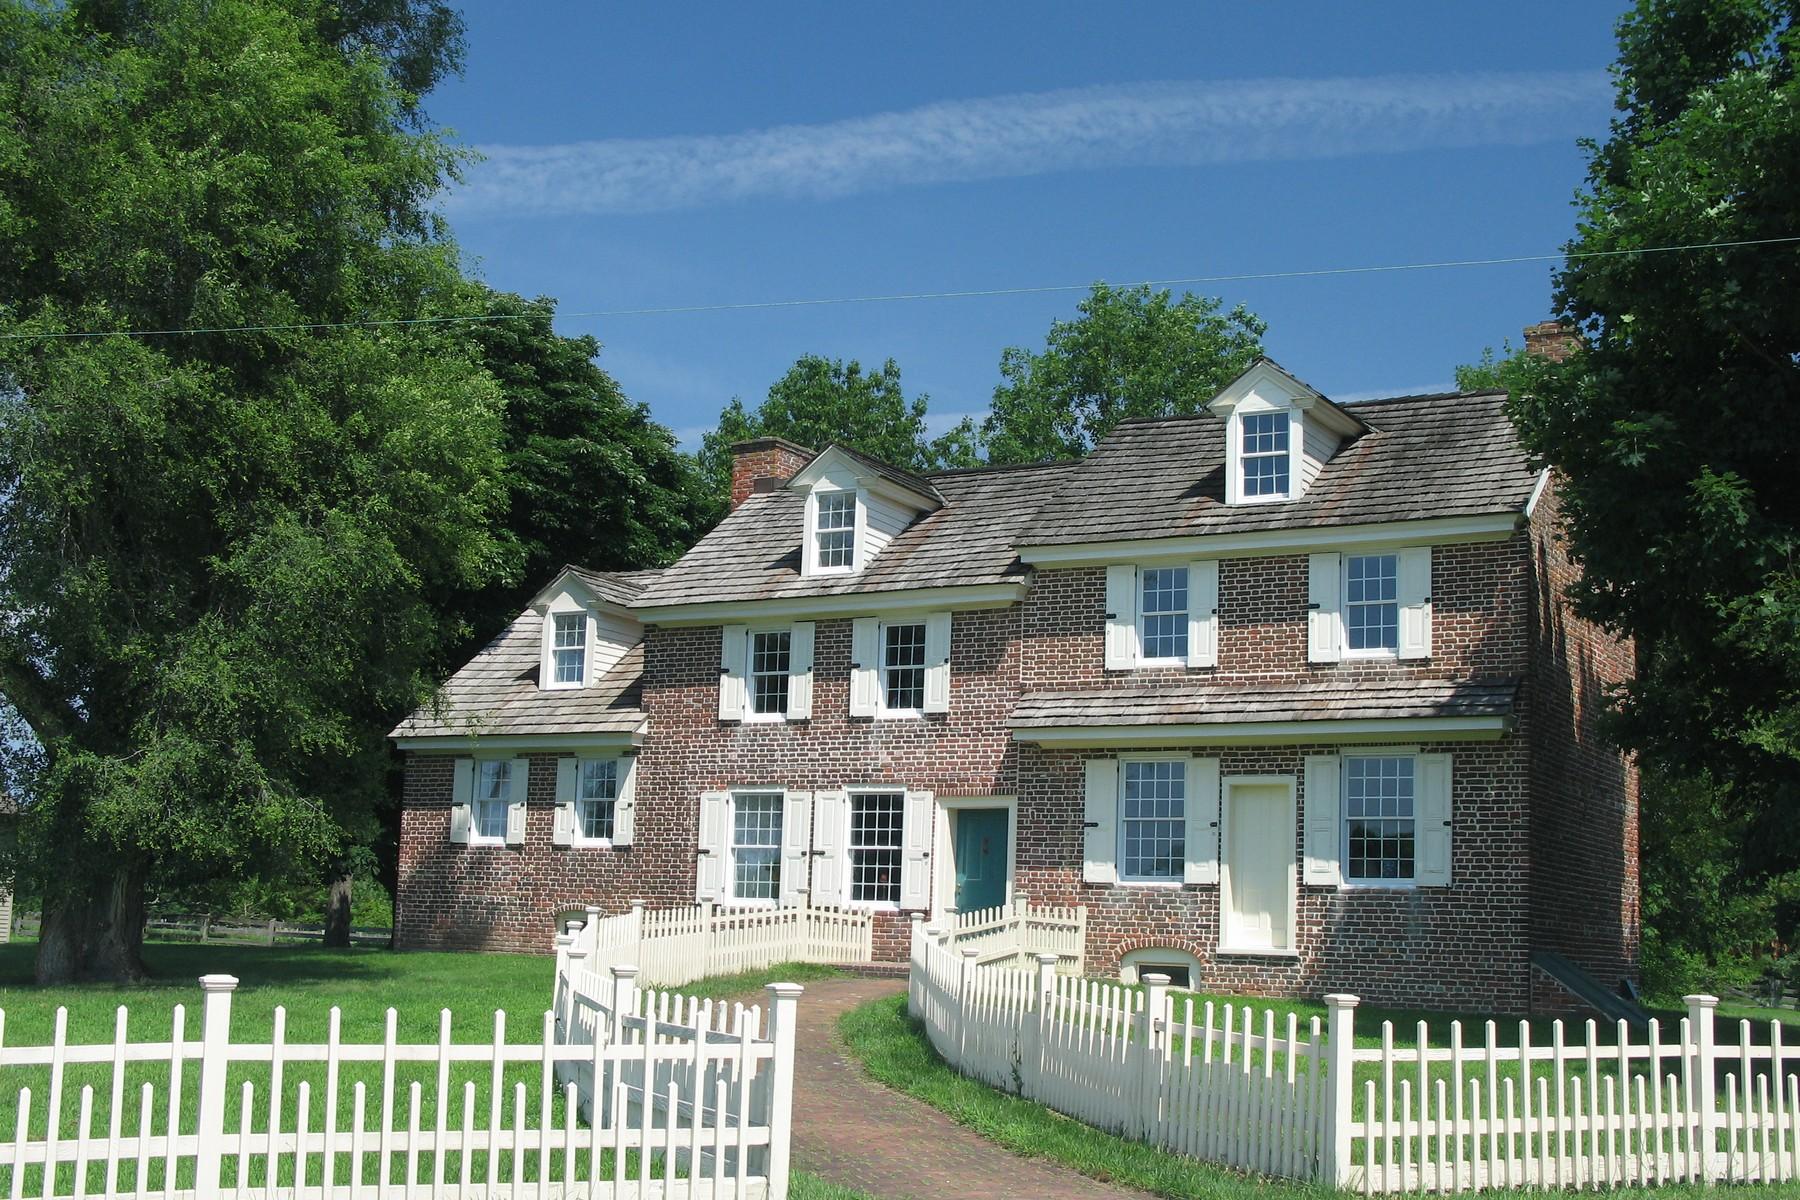 独户住宅 为 销售 在 Neptune Farm 723 Harmersville Canton Road 塞勒姆, 08079 美国